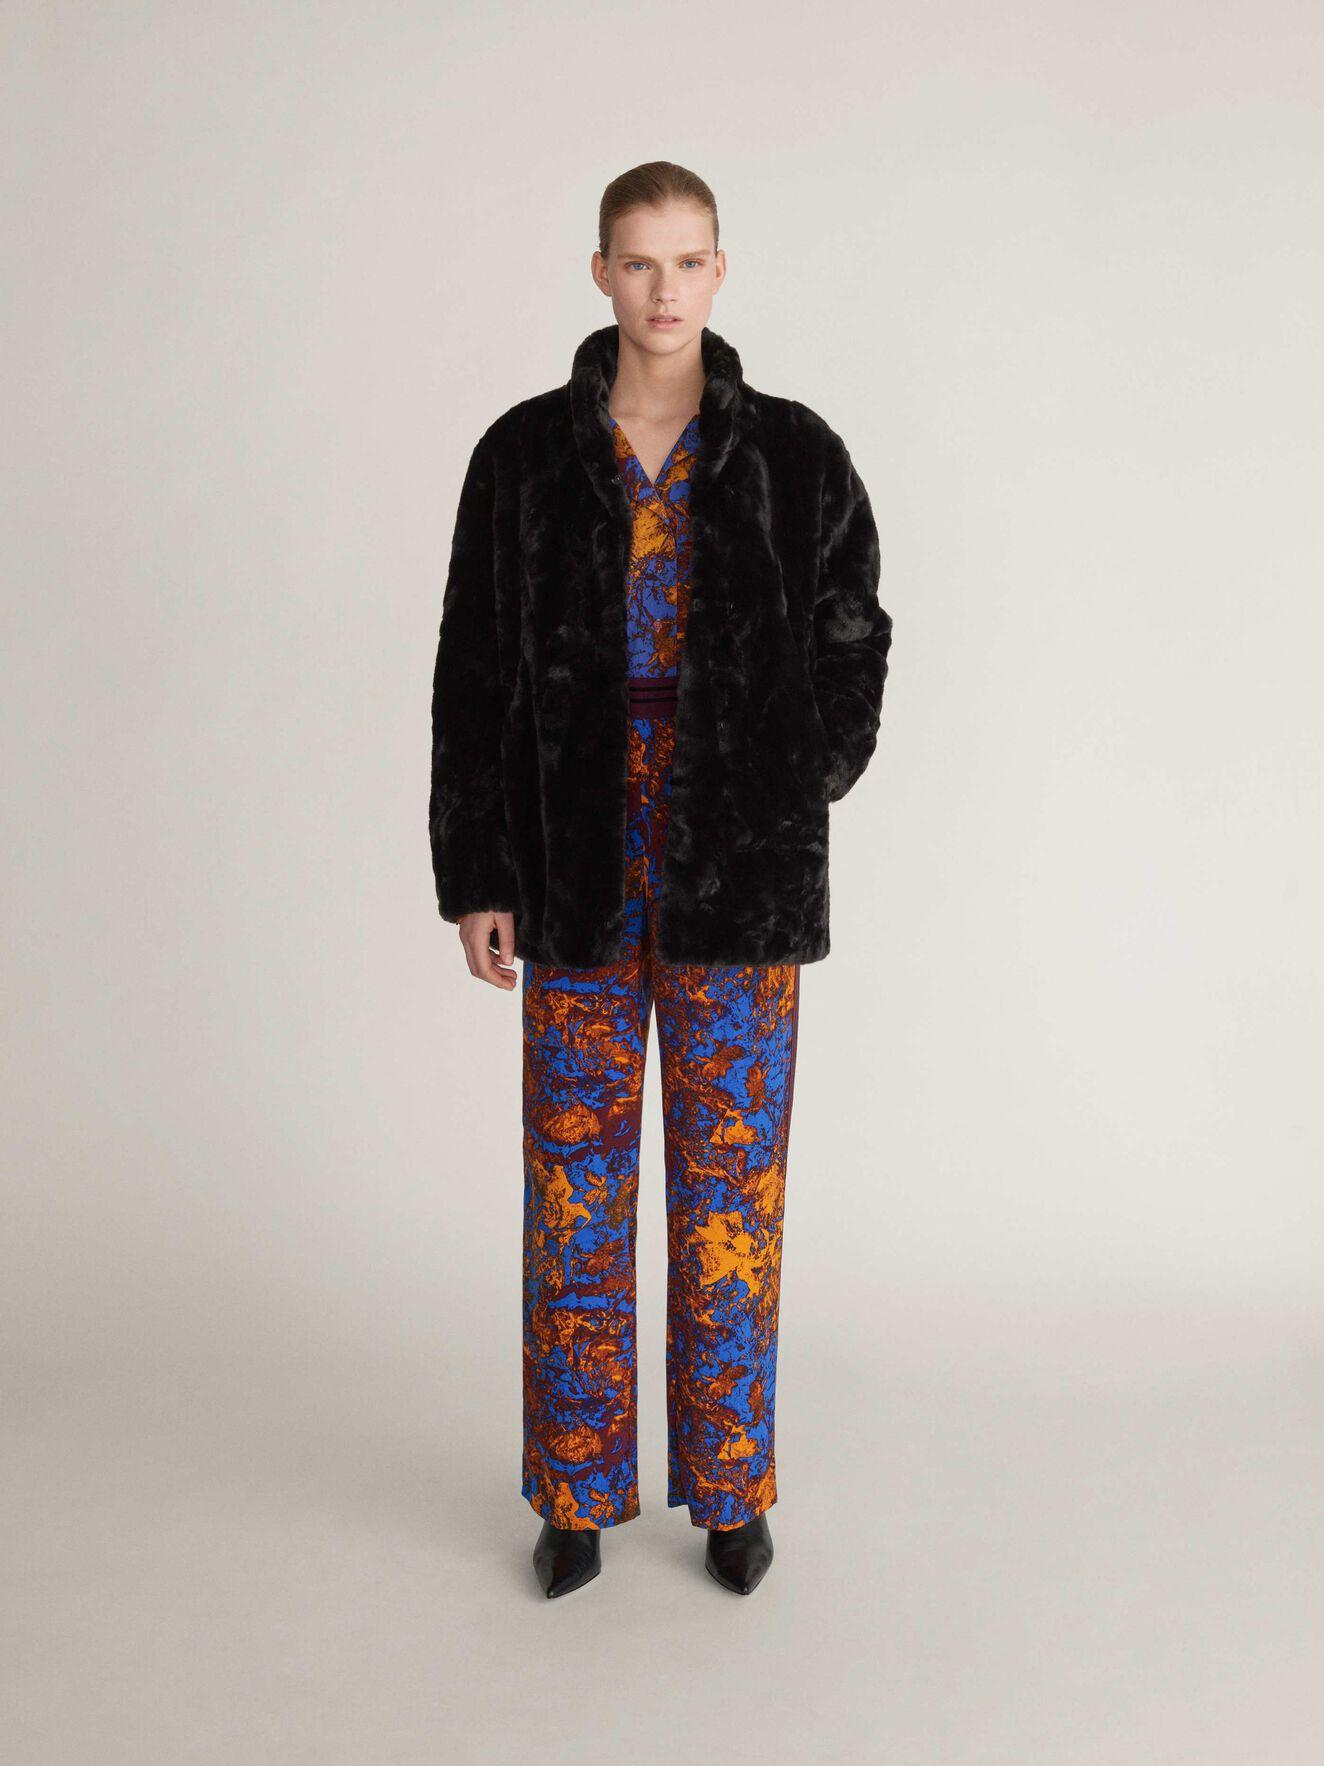 68f3bf10 Jeans - Sfoglia i capispalla della collezione jeans Tiger of Sweden